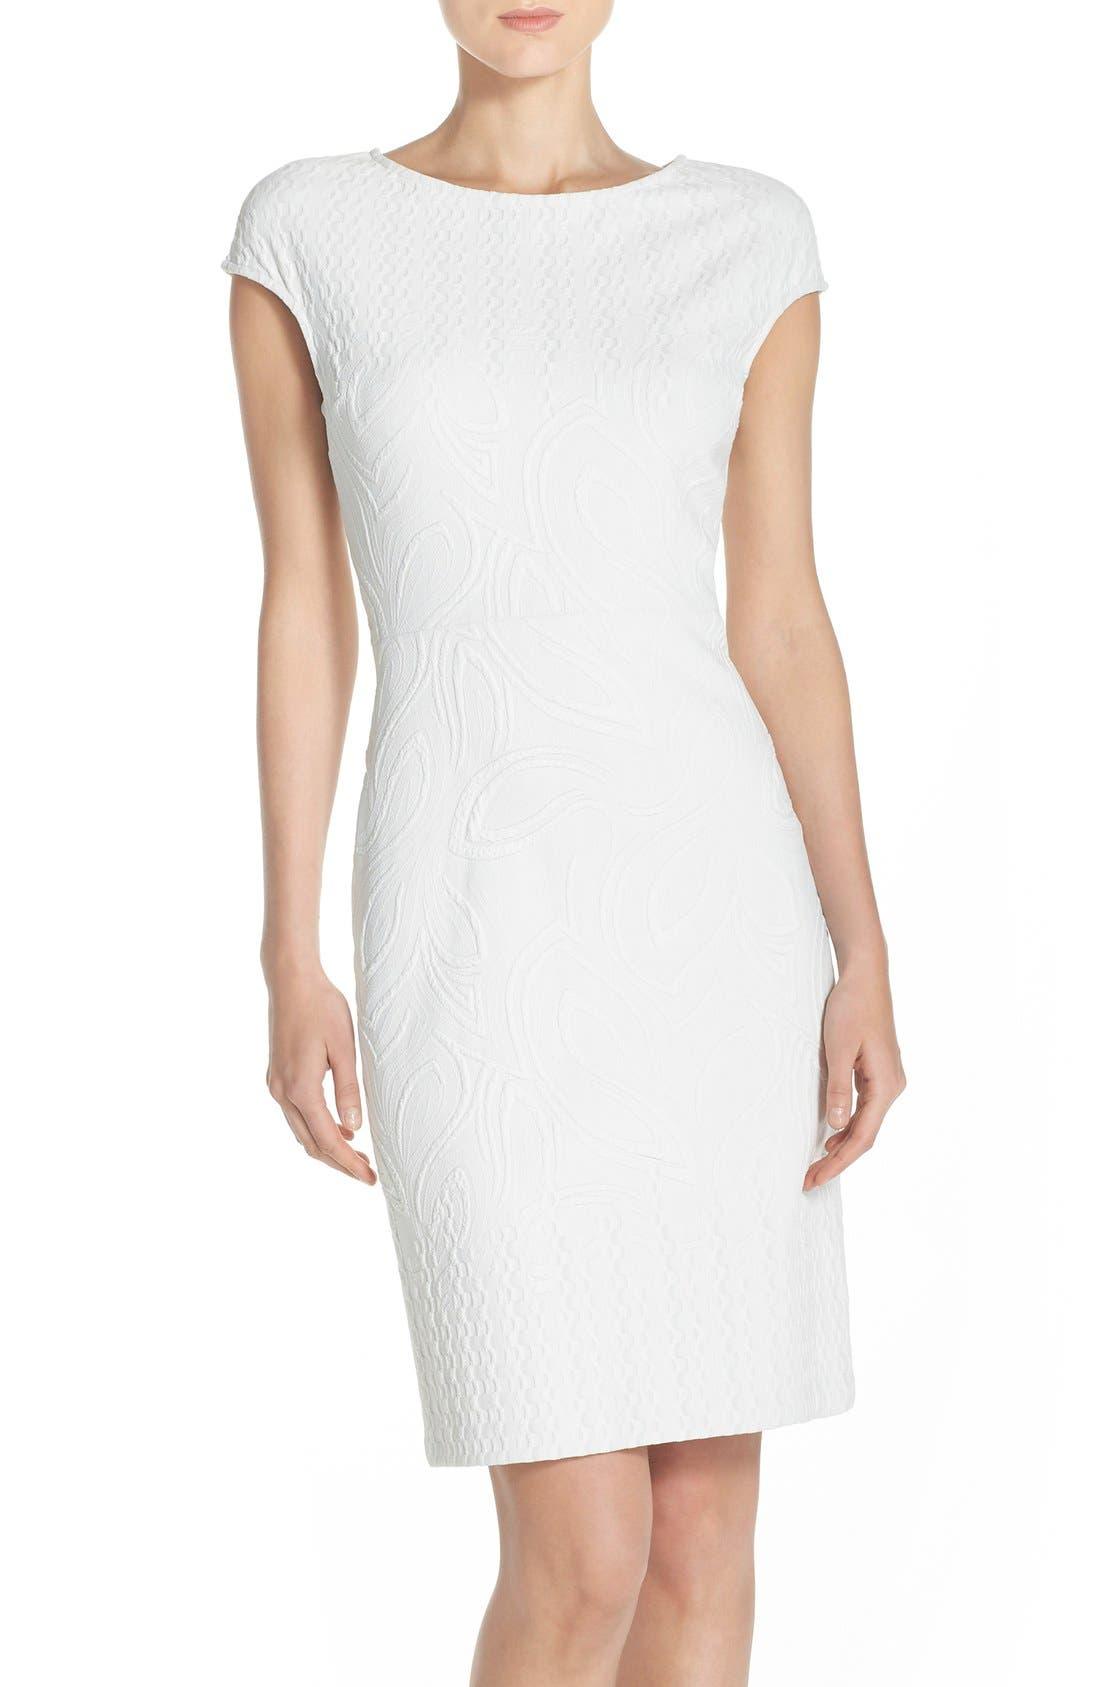 Jacquard Sheath Dress,                             Main thumbnail 1, color,                             Ivory